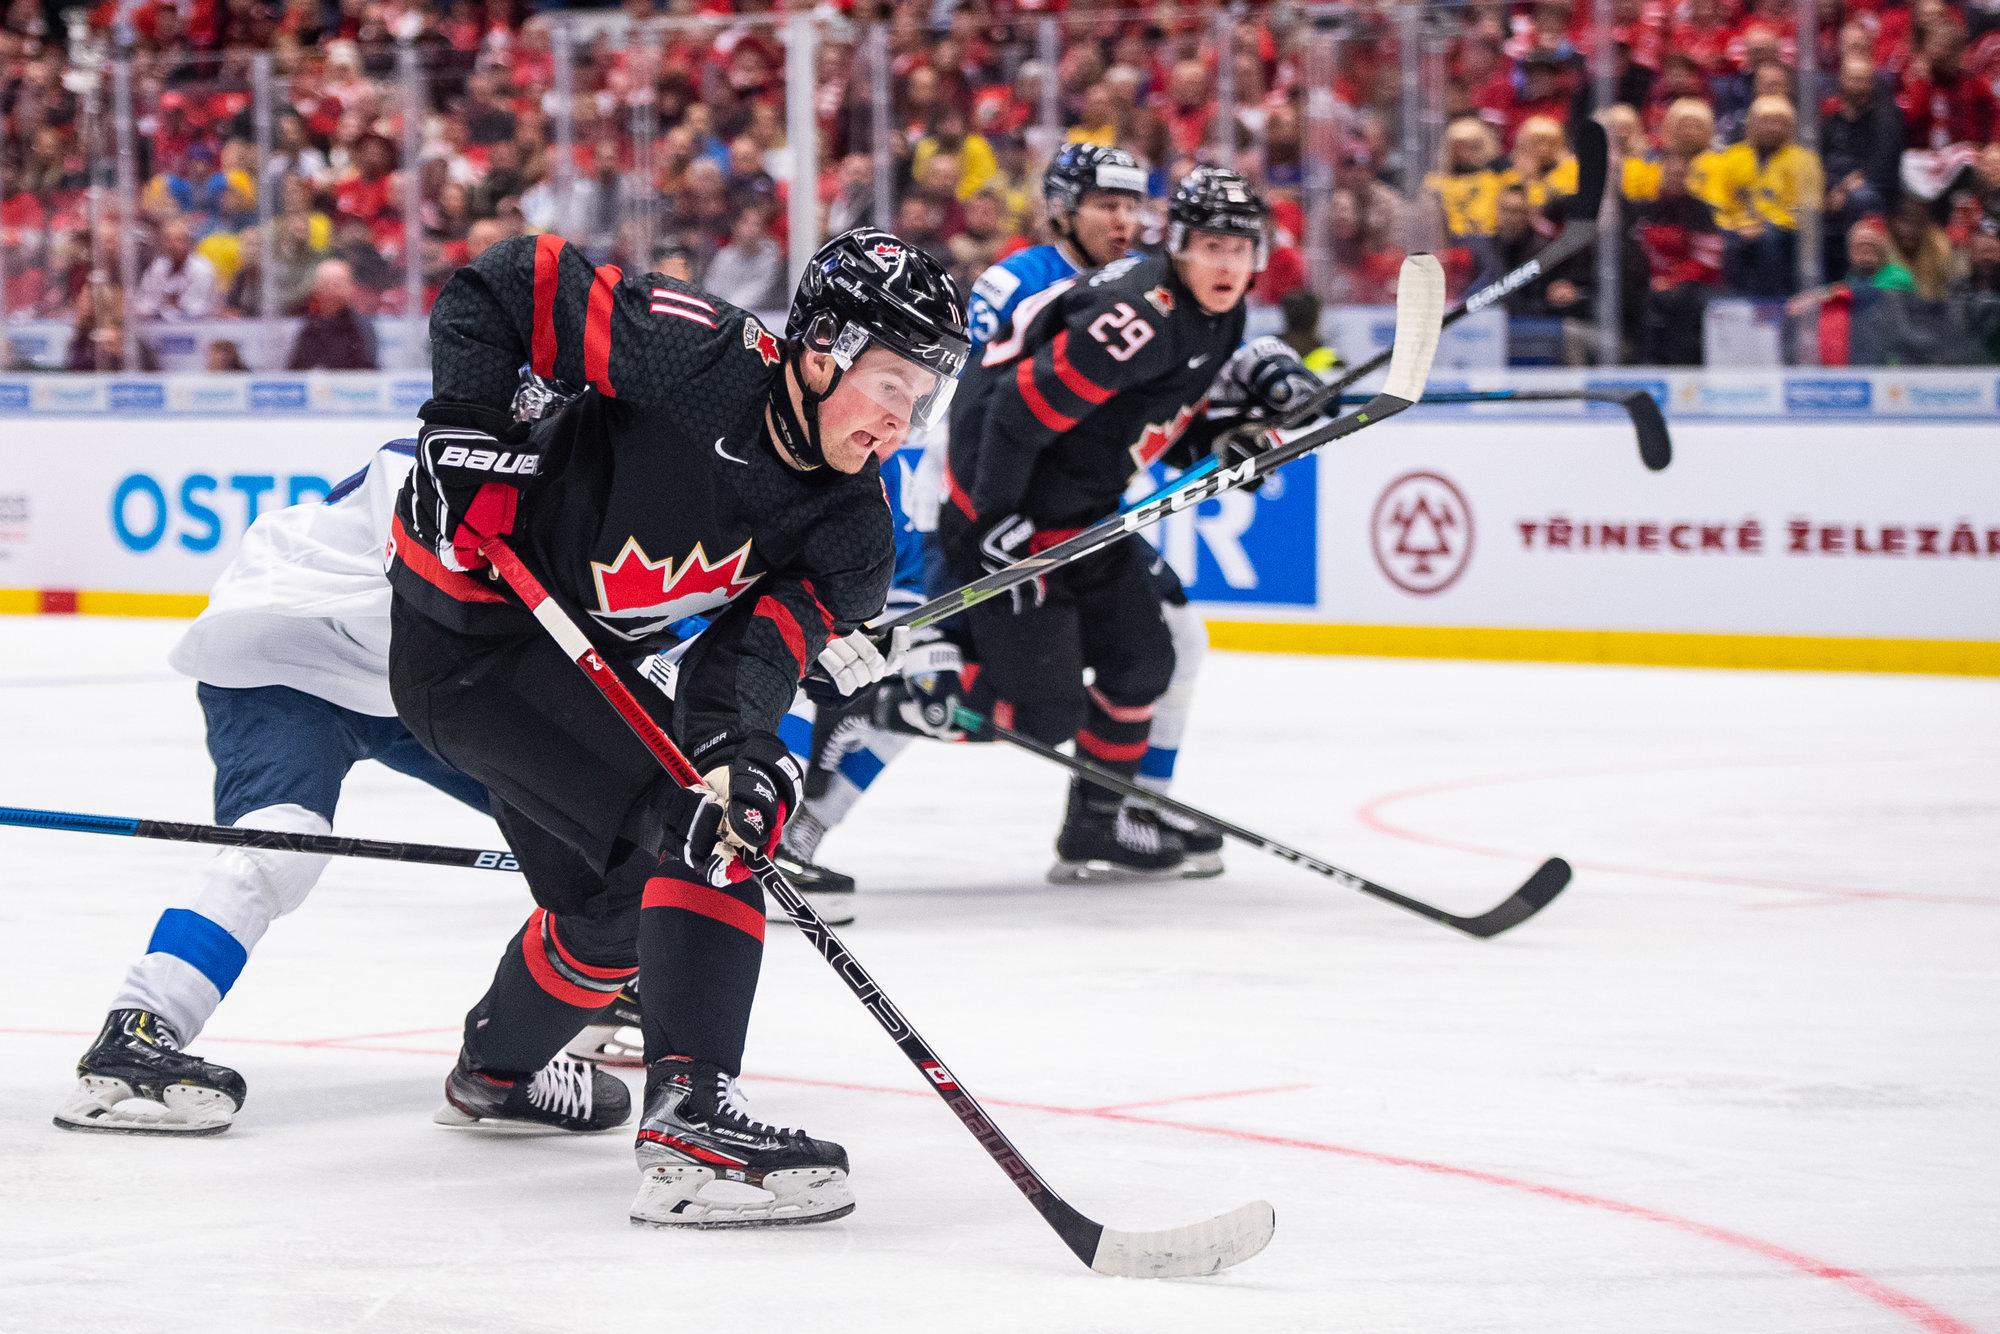 Сборная Канады разгромила чехов и вышла в полуфинал ЮЧМ, 15-летний Бедард набрал пять очков